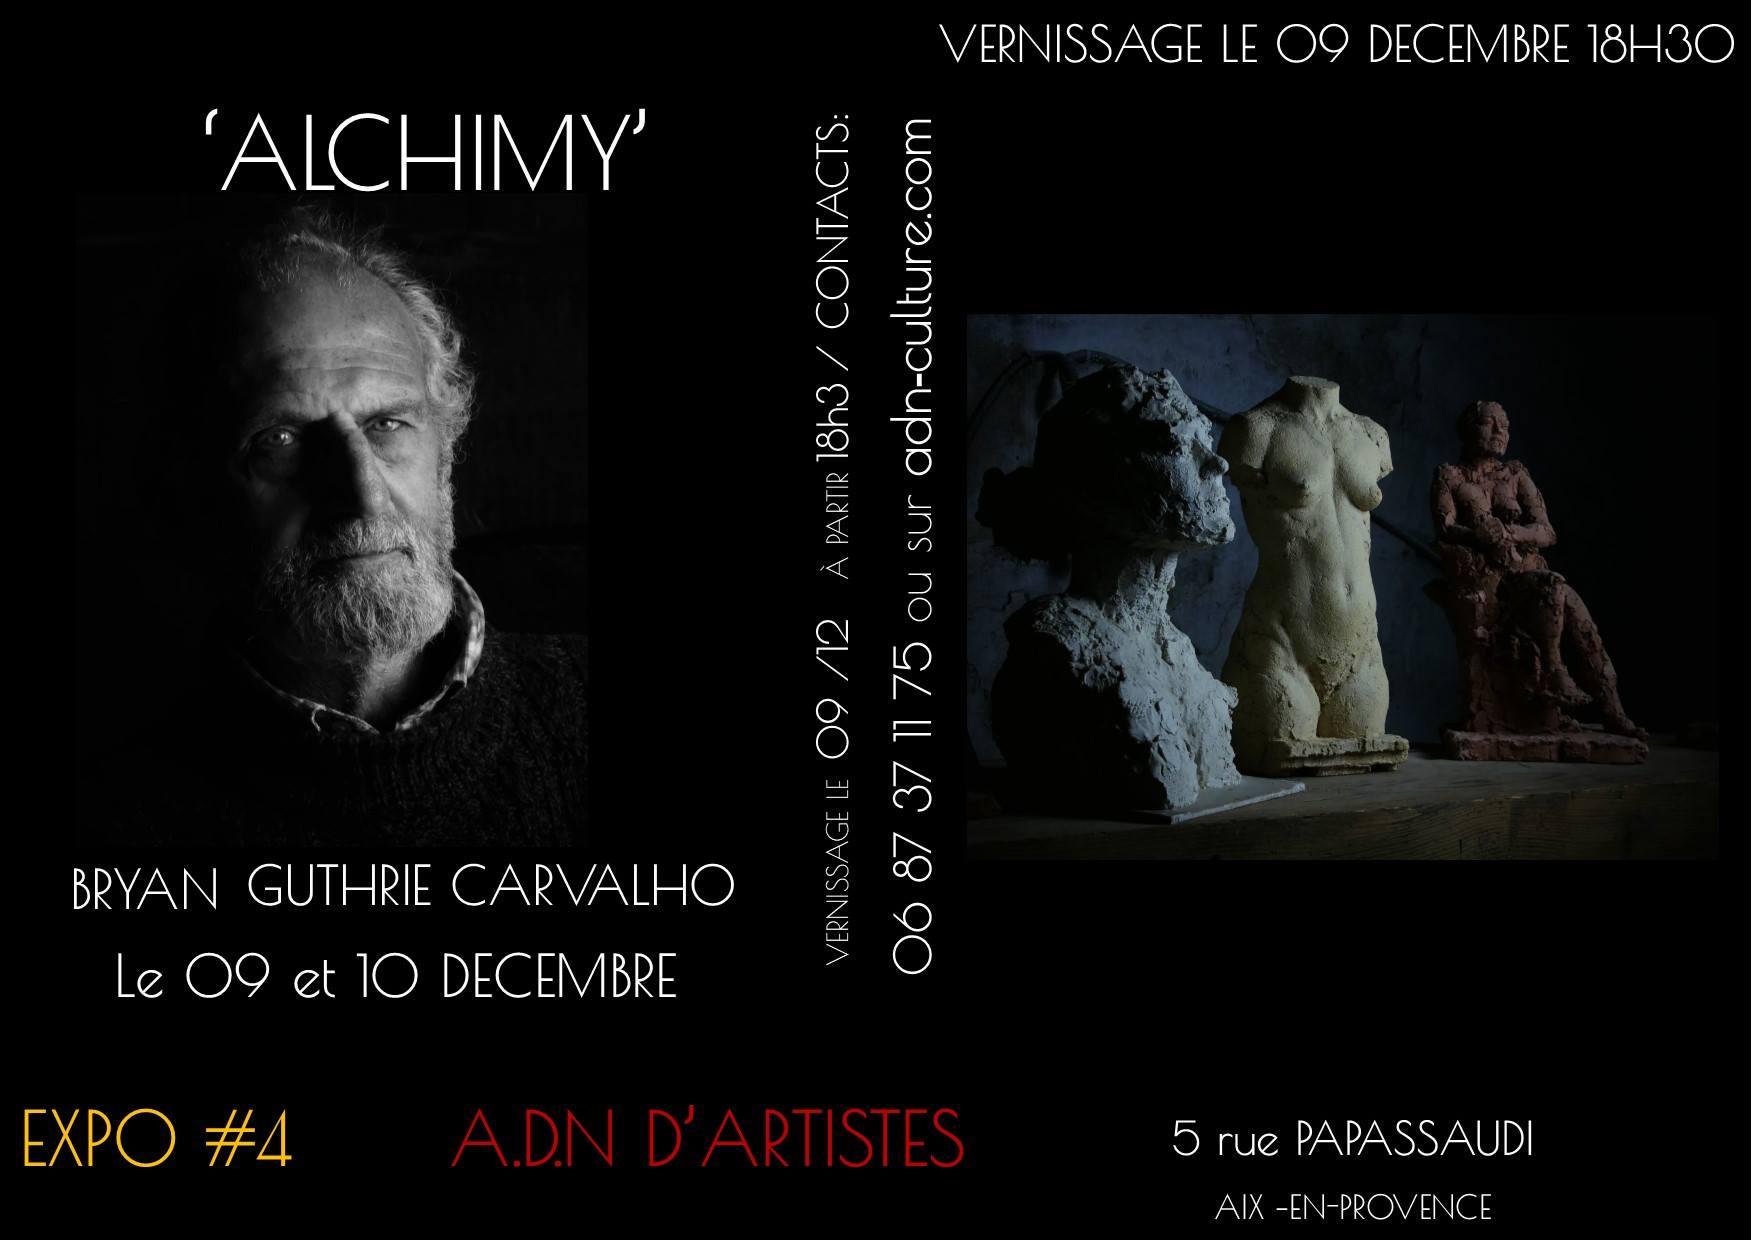 Bryan-Gutrhie-Carvalho-artistte-peintre-et-sculpteur-exposition-alchimy-aiix-en-provence-galerie-adn